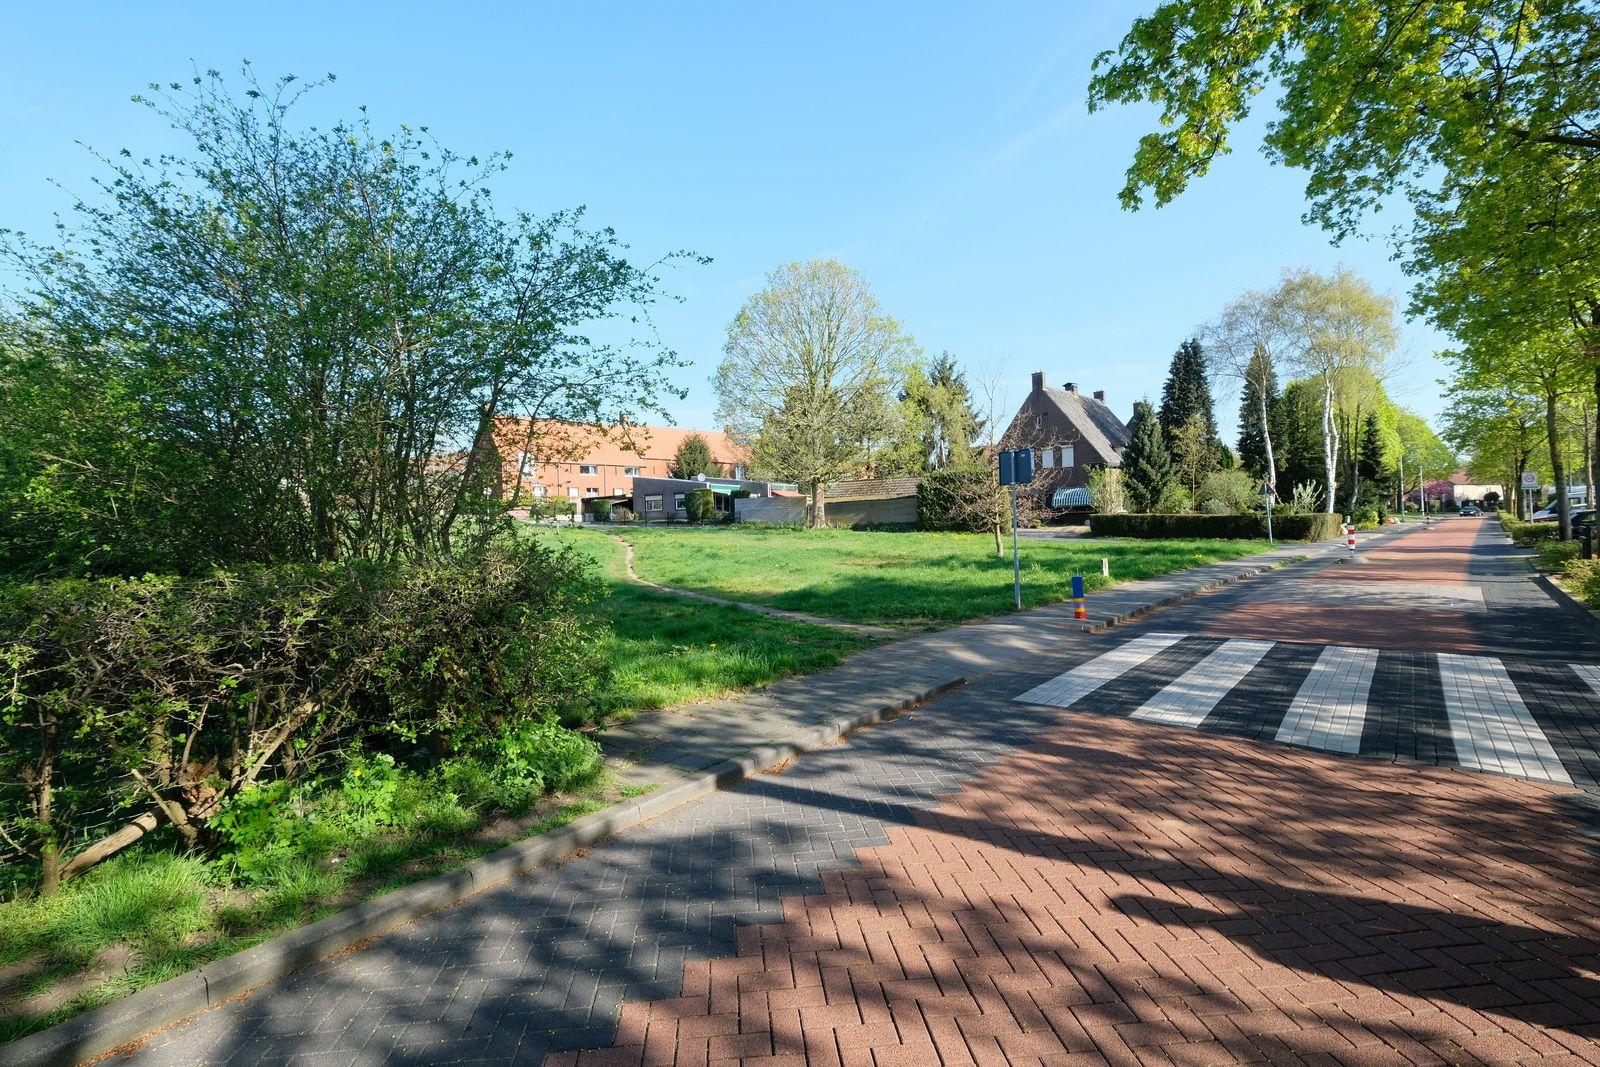 Bram Streeflandweg kavel 3 0-ong, Renkum